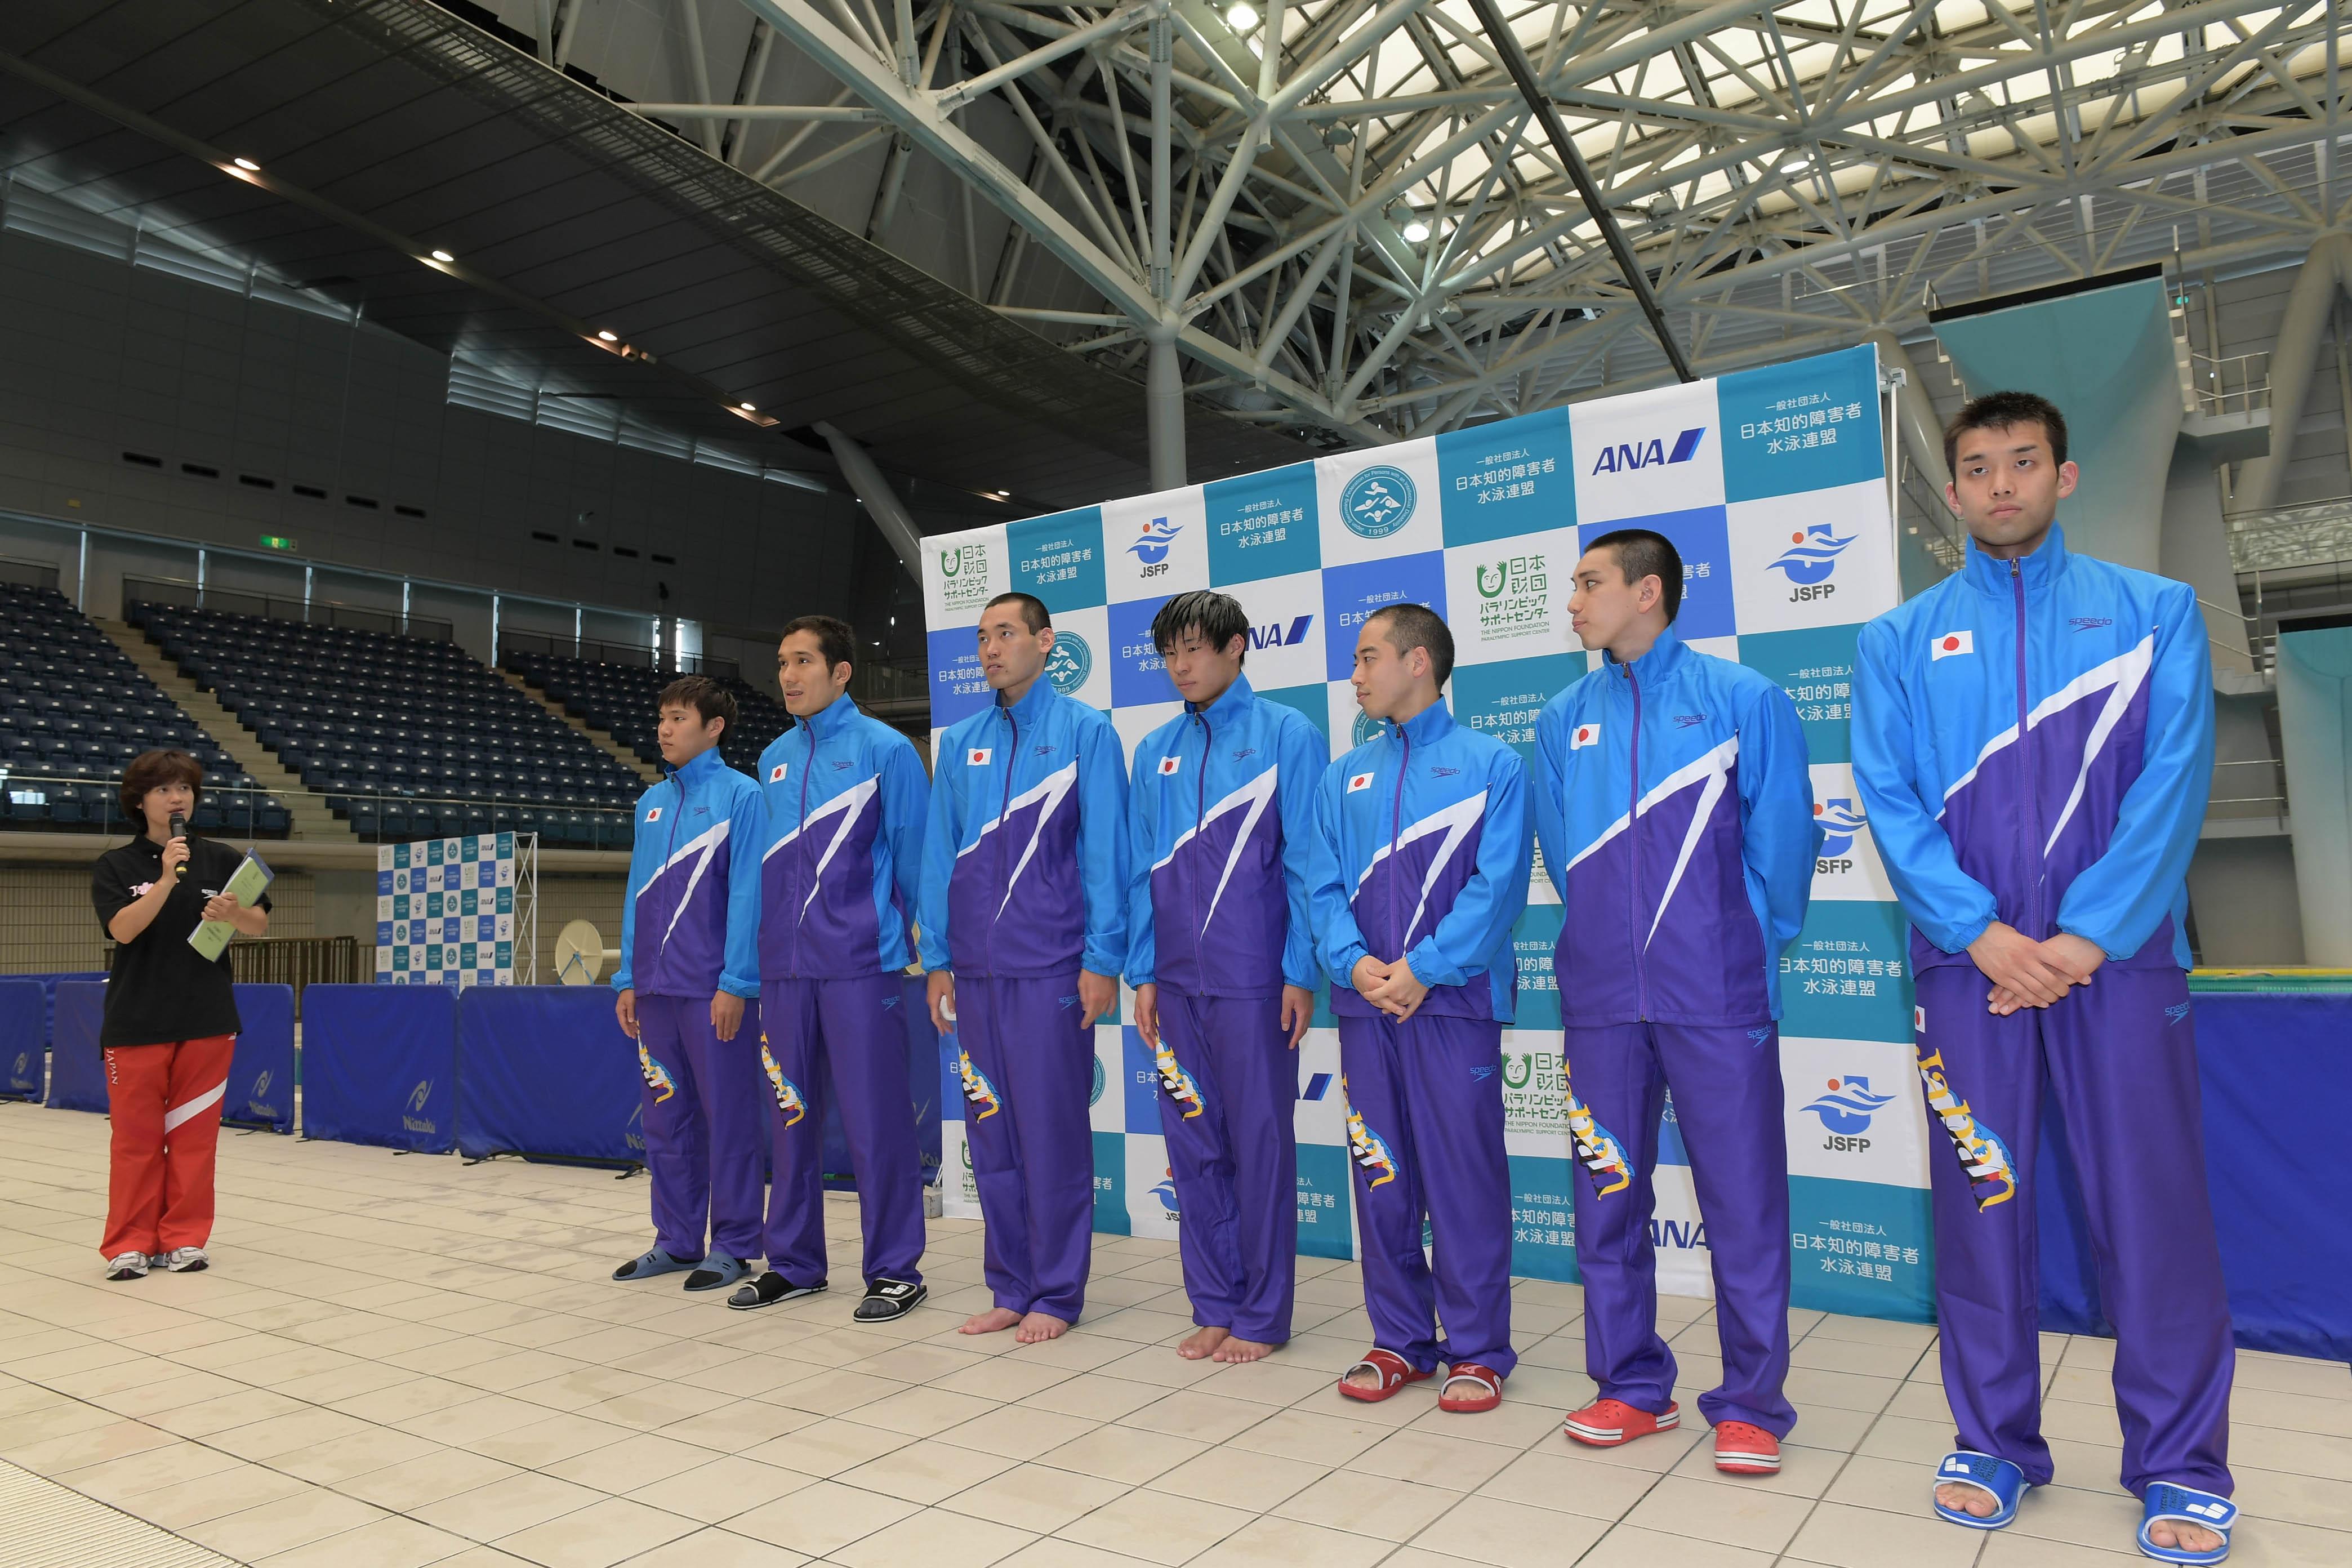 知的障害クラスのリオパラリンピック日本代表候補7名が紹介された 写真・三浦宏之